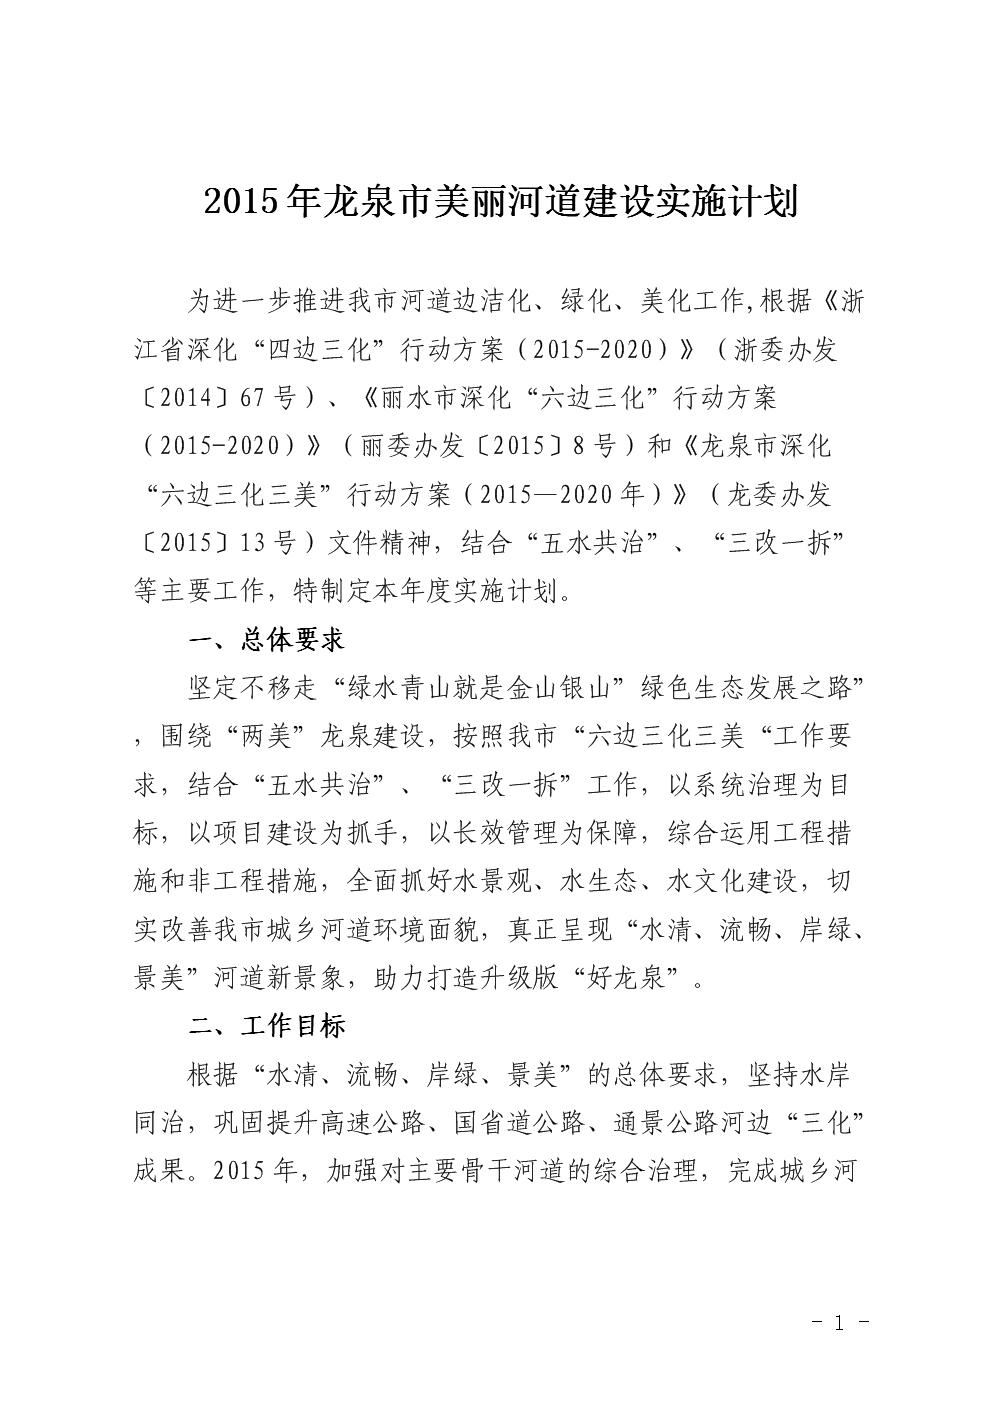 2015年龙泉市美丽河道建设实施计划.doc